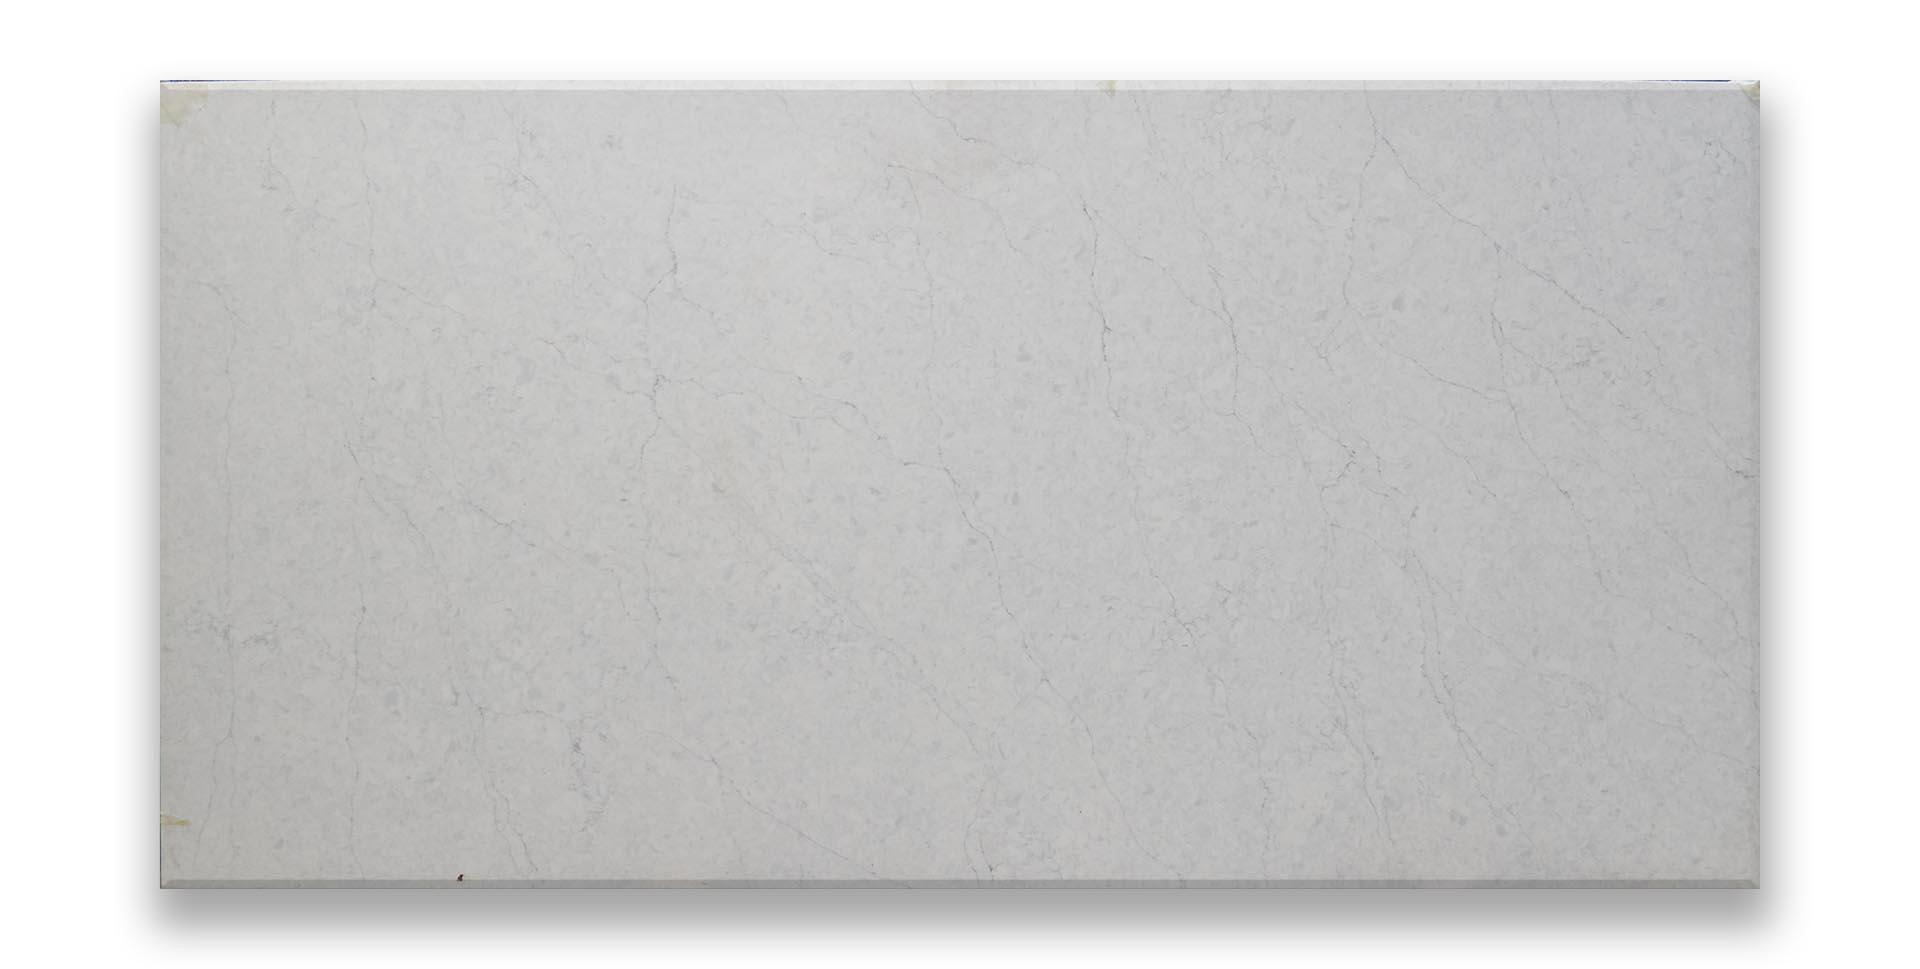 Cullifords Misty Carrara quartz 135659a